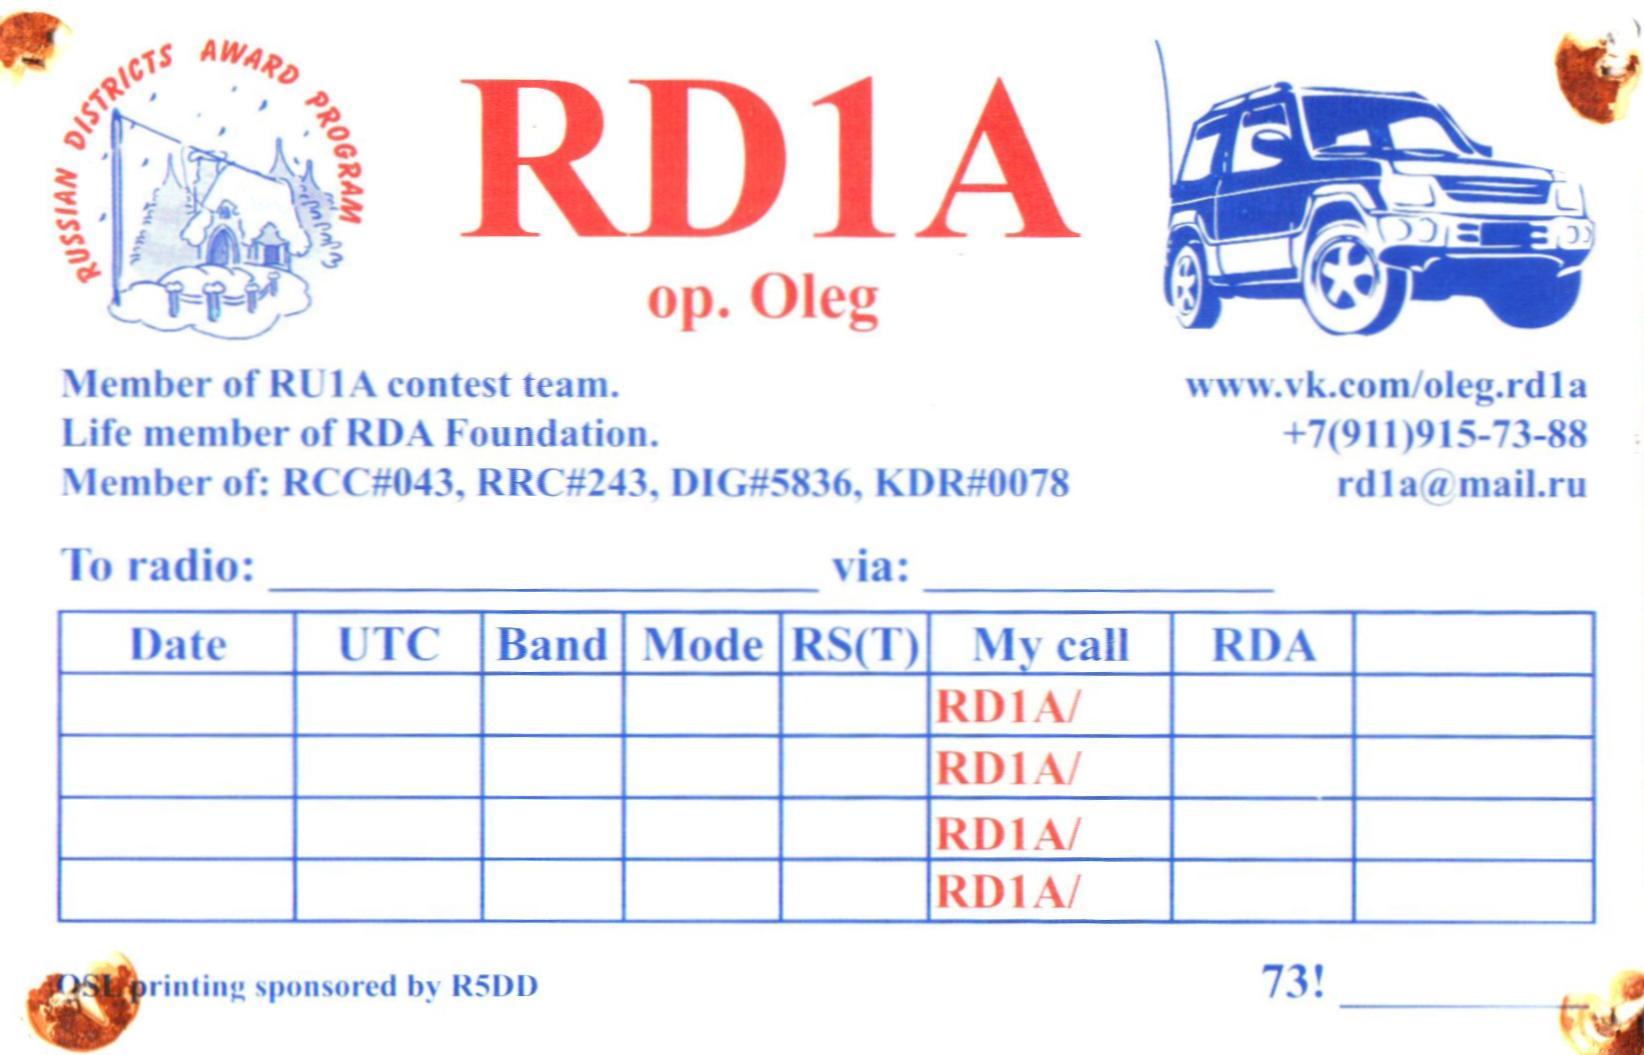 Нажмите на изображение для увеличения.  Название:RD1A-2017.jpg Просмотров:4 Размер:130.7 Кб ID:220124